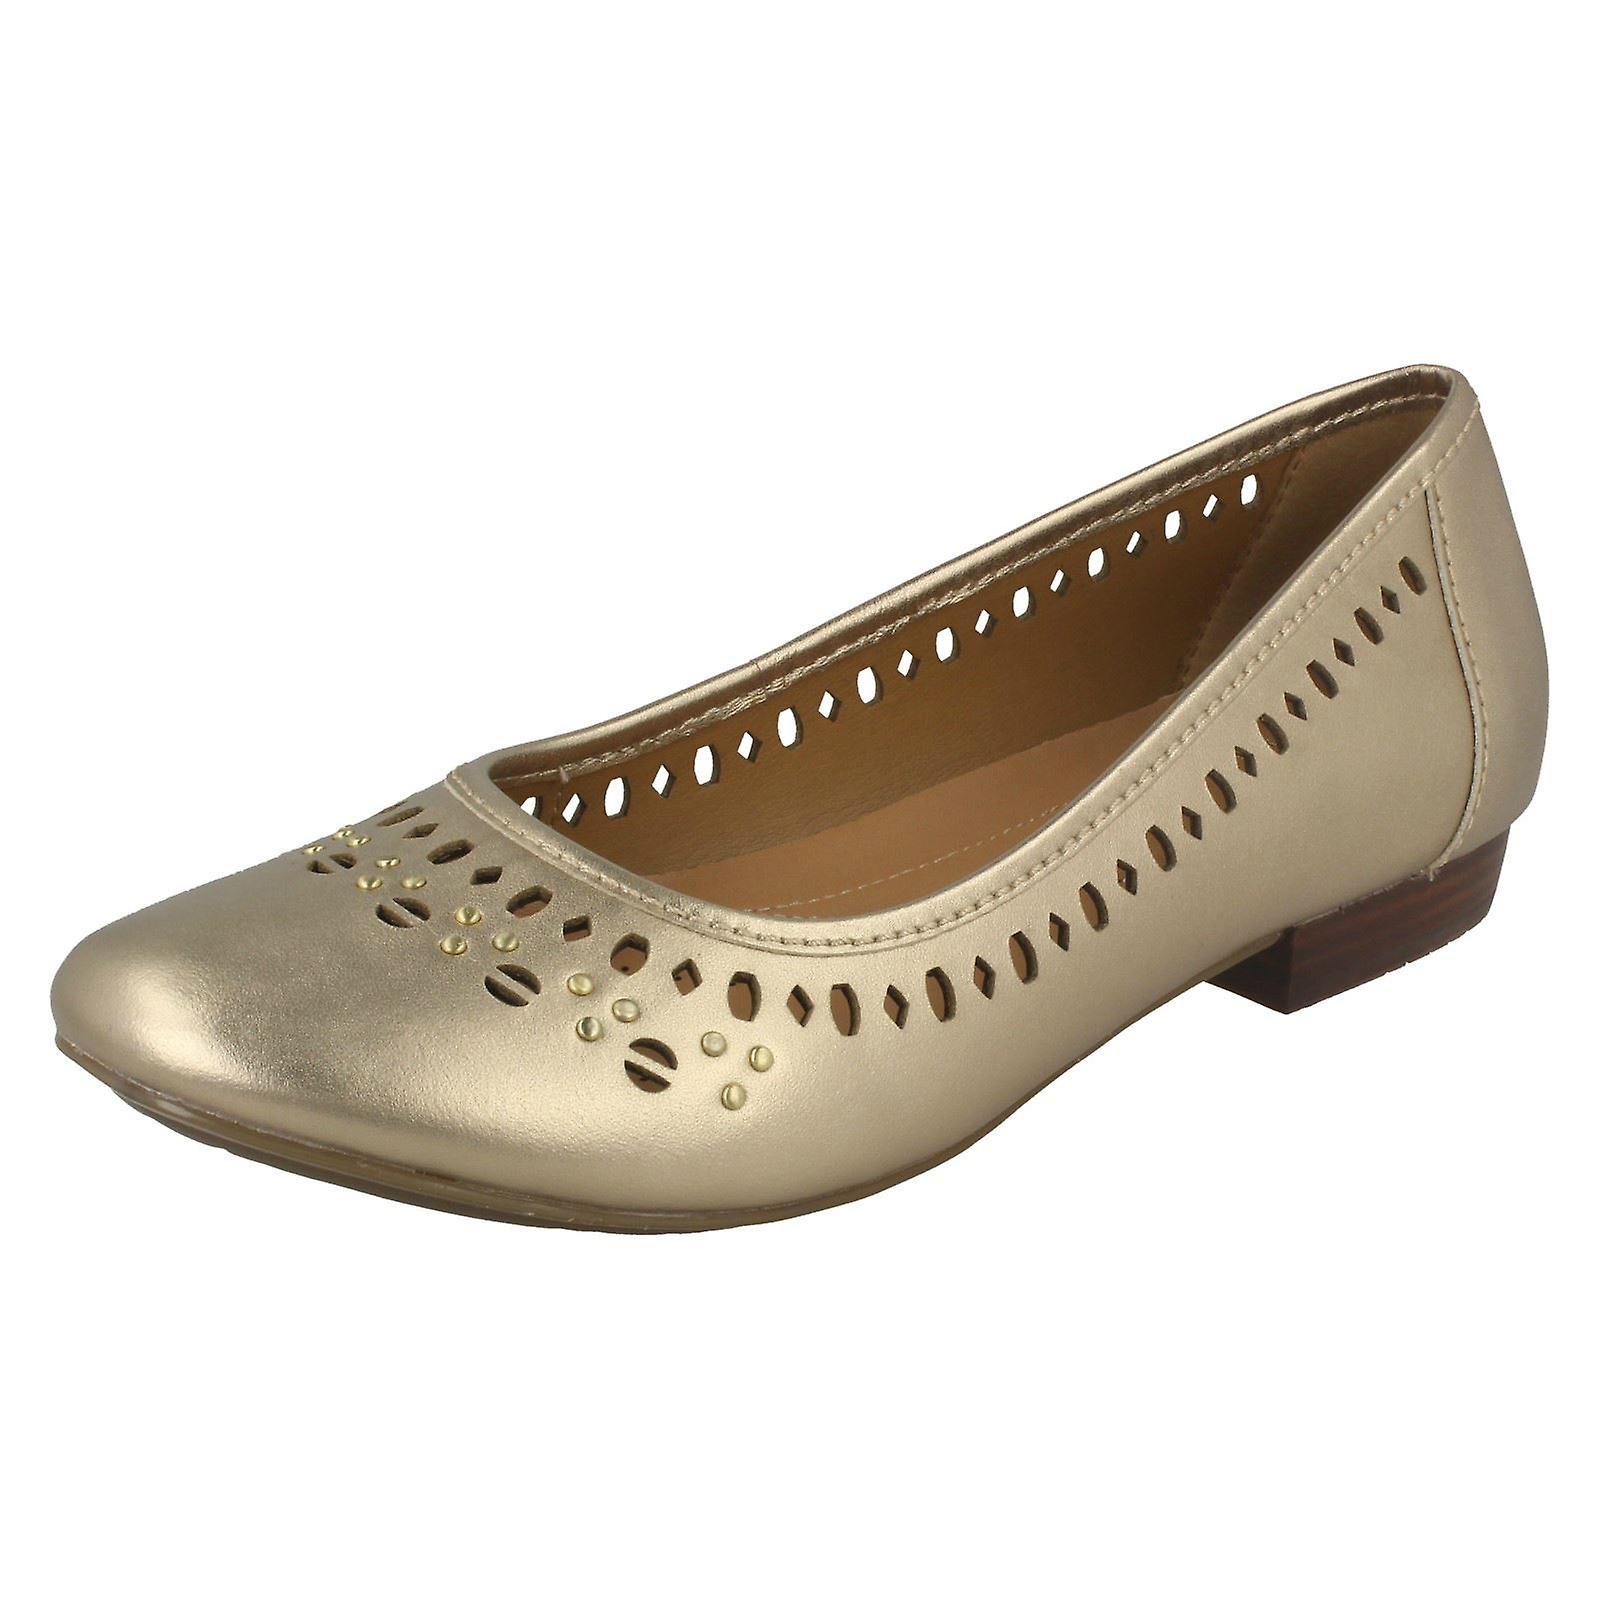 Clarks Ladies piatto balletto stile scarpe Henderson caldo   Abbiamo ricevuto lodi dai nostri clienti.    Uomini/Donna Scarpa